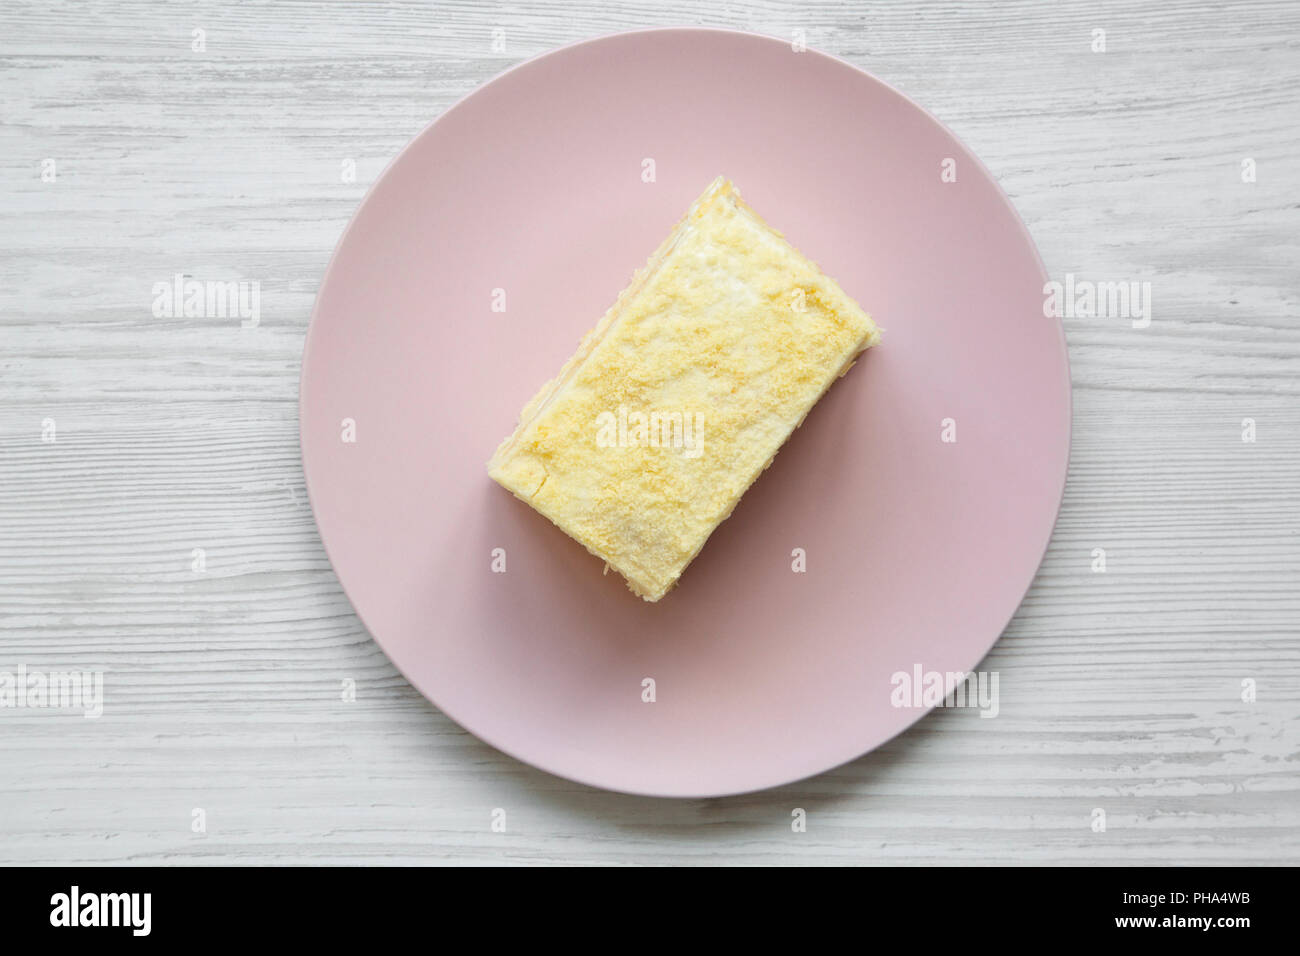 Stuck Von Napoleon Kuchen Auf Rosa Die Platte Uber Der Weissen Holz